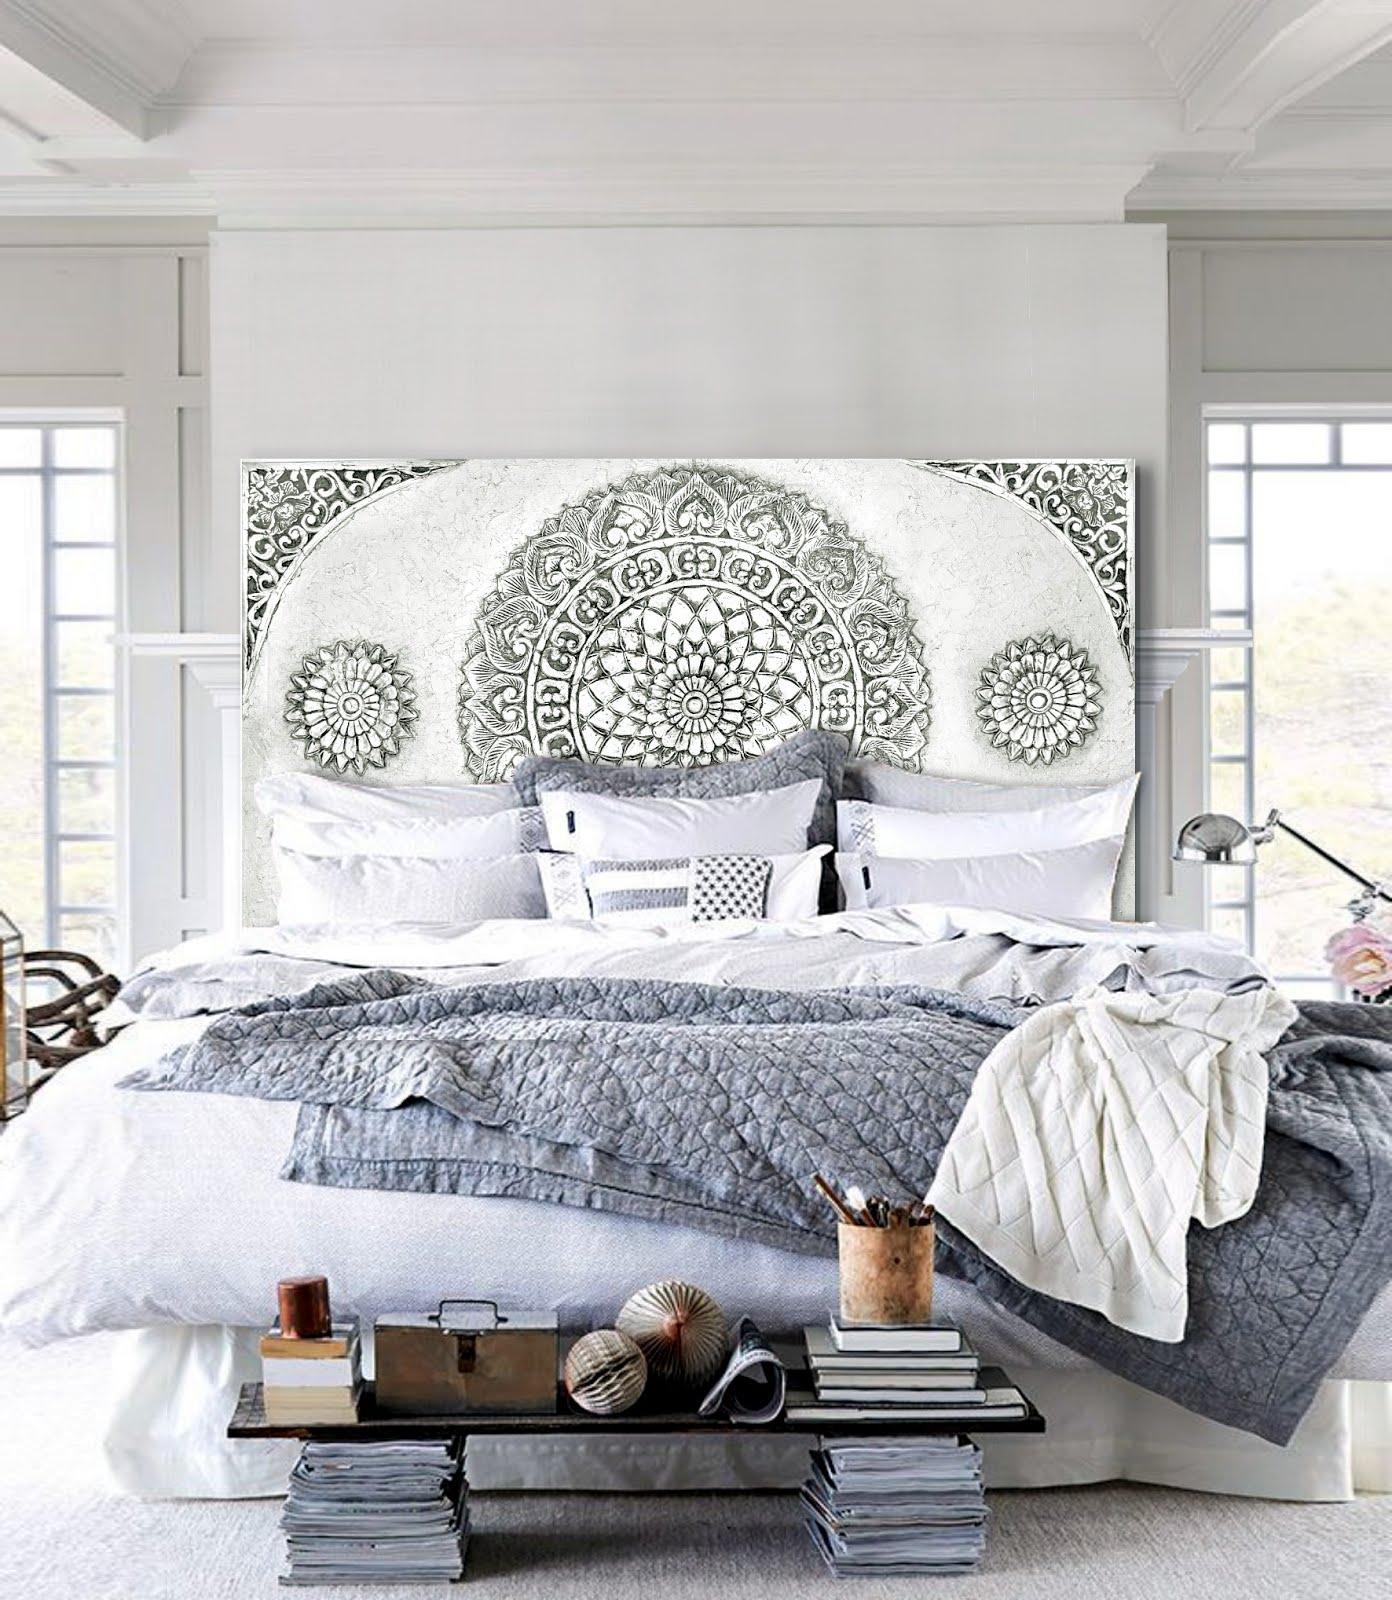 Cuadros para cabeceros de cama cehome - Cuadros cabecero cama ...